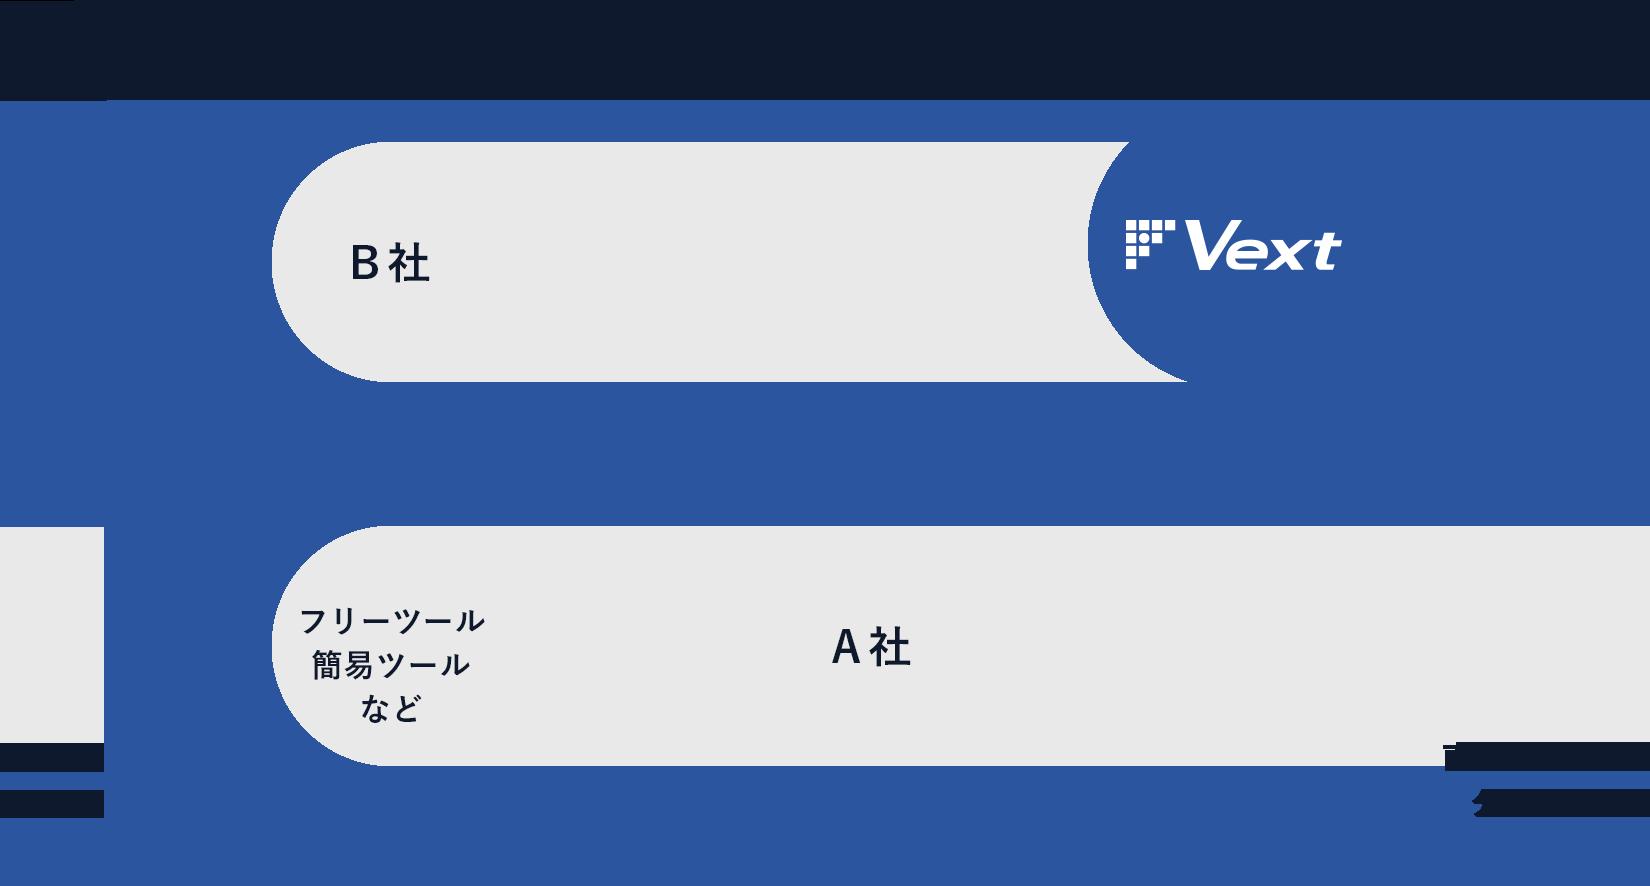 他社のツールとVextのツールの比較の図